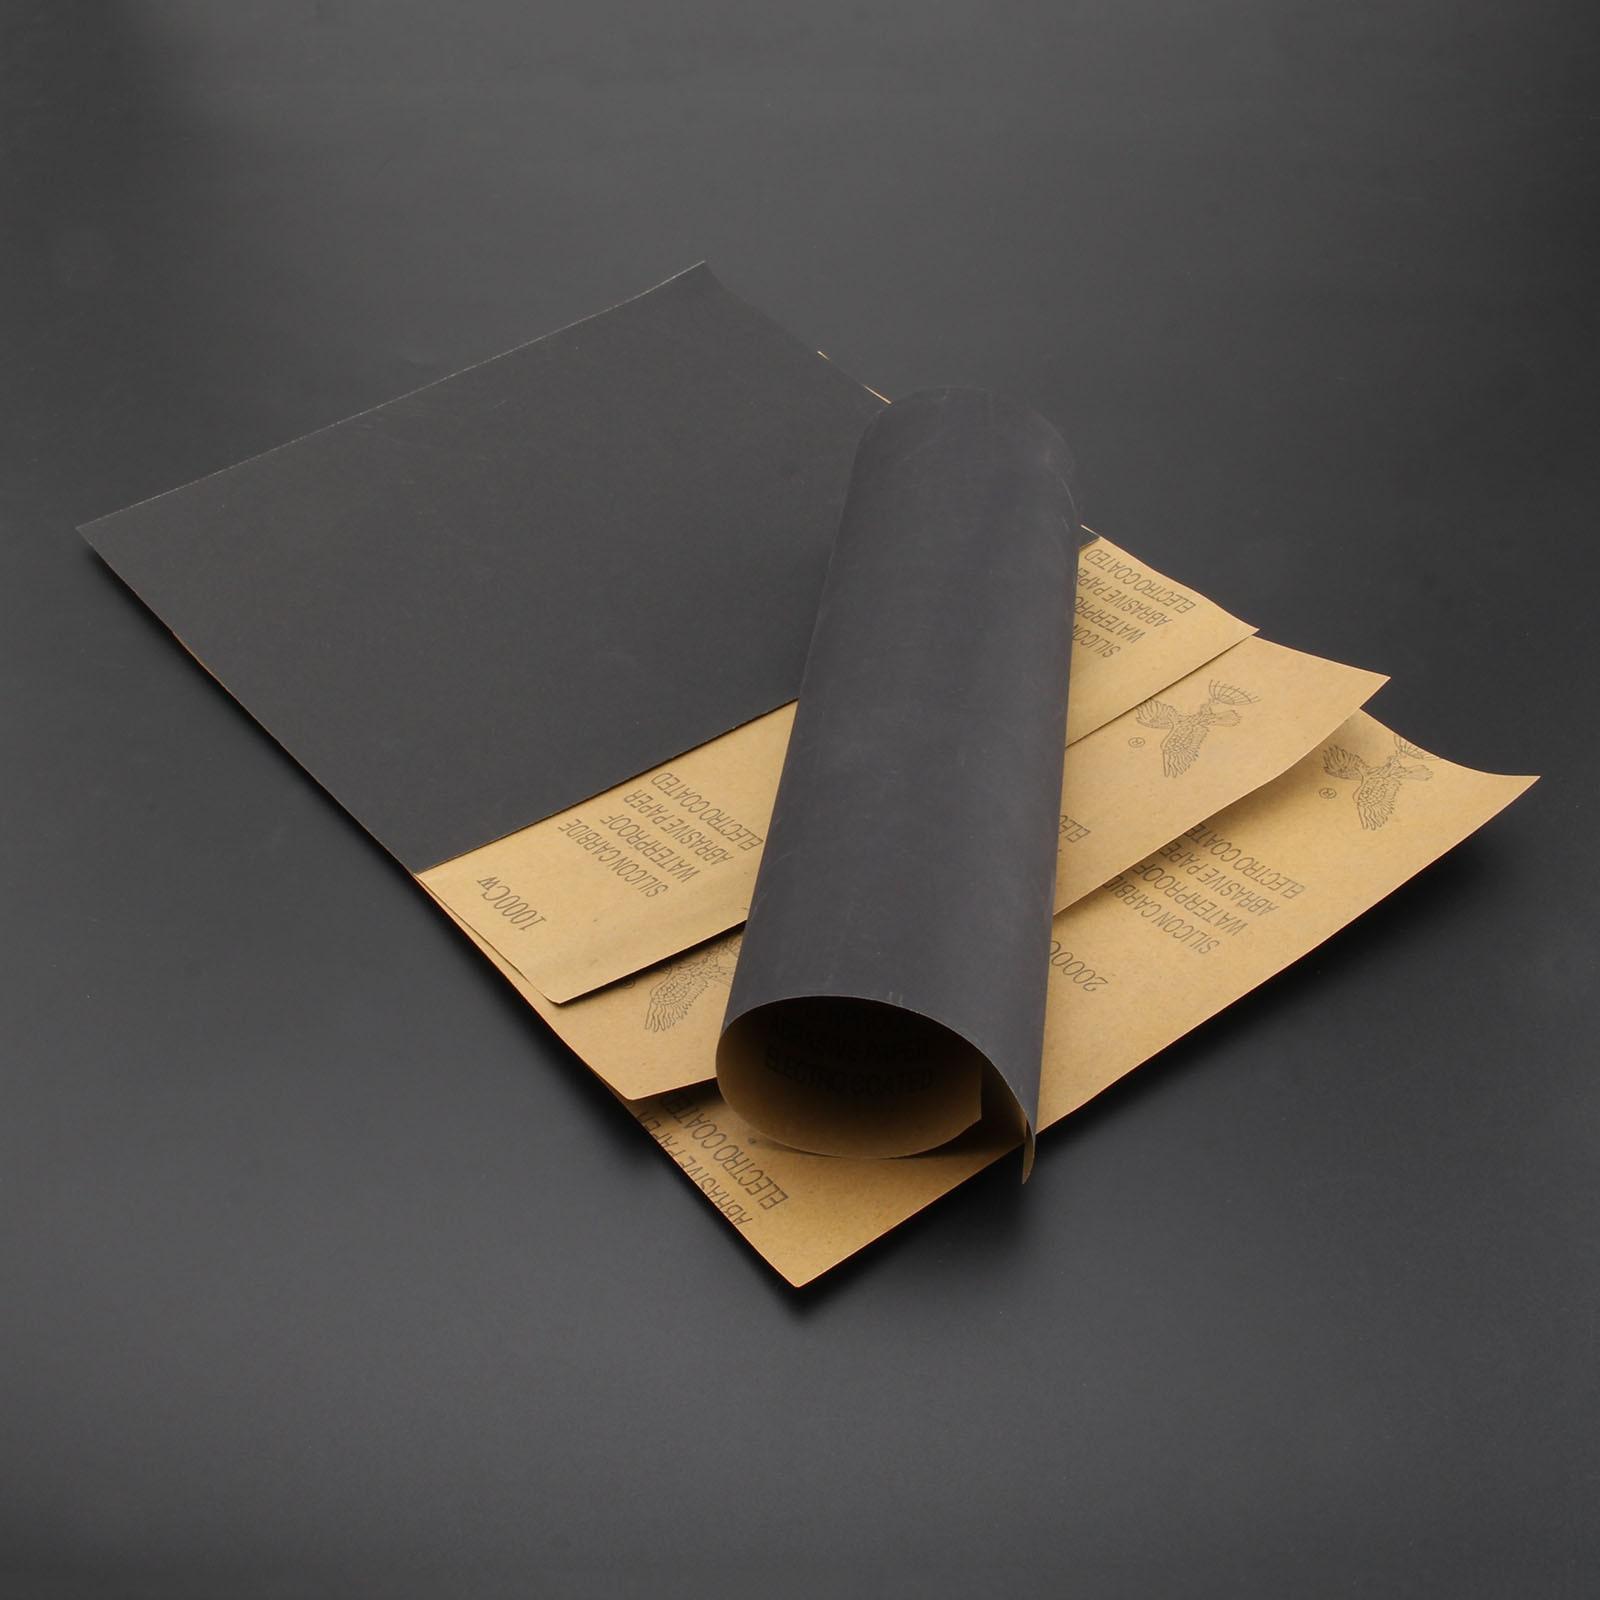 DRELD 5 lap homokpapír vízálló csiszolópapír Homokpapír - Csiszolószerszámok - Fénykép 3